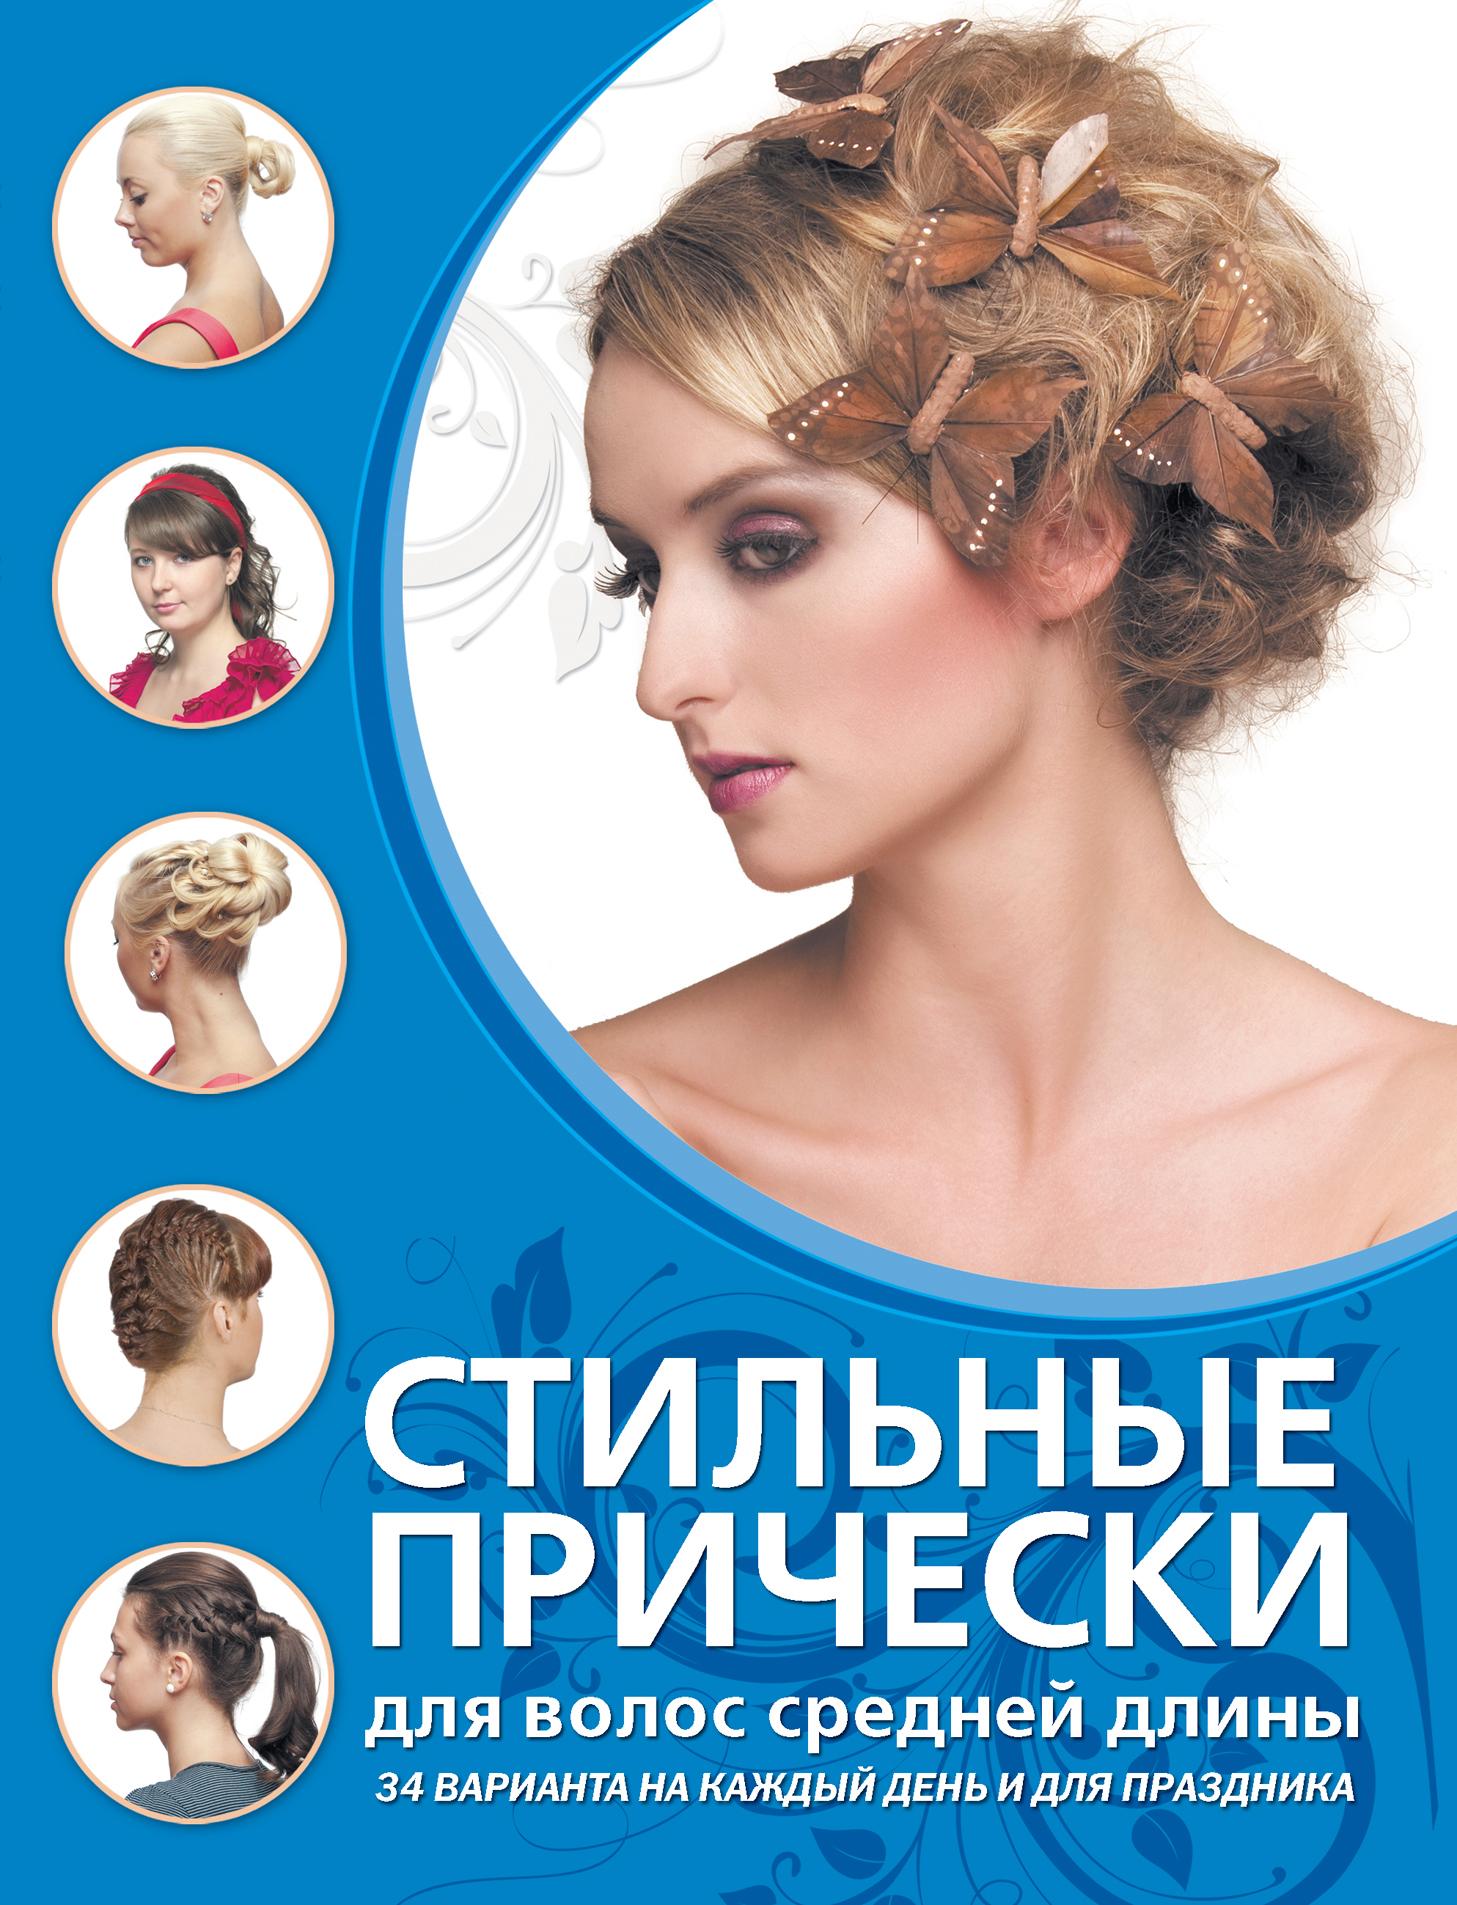 Стильные прически для волос средней длины